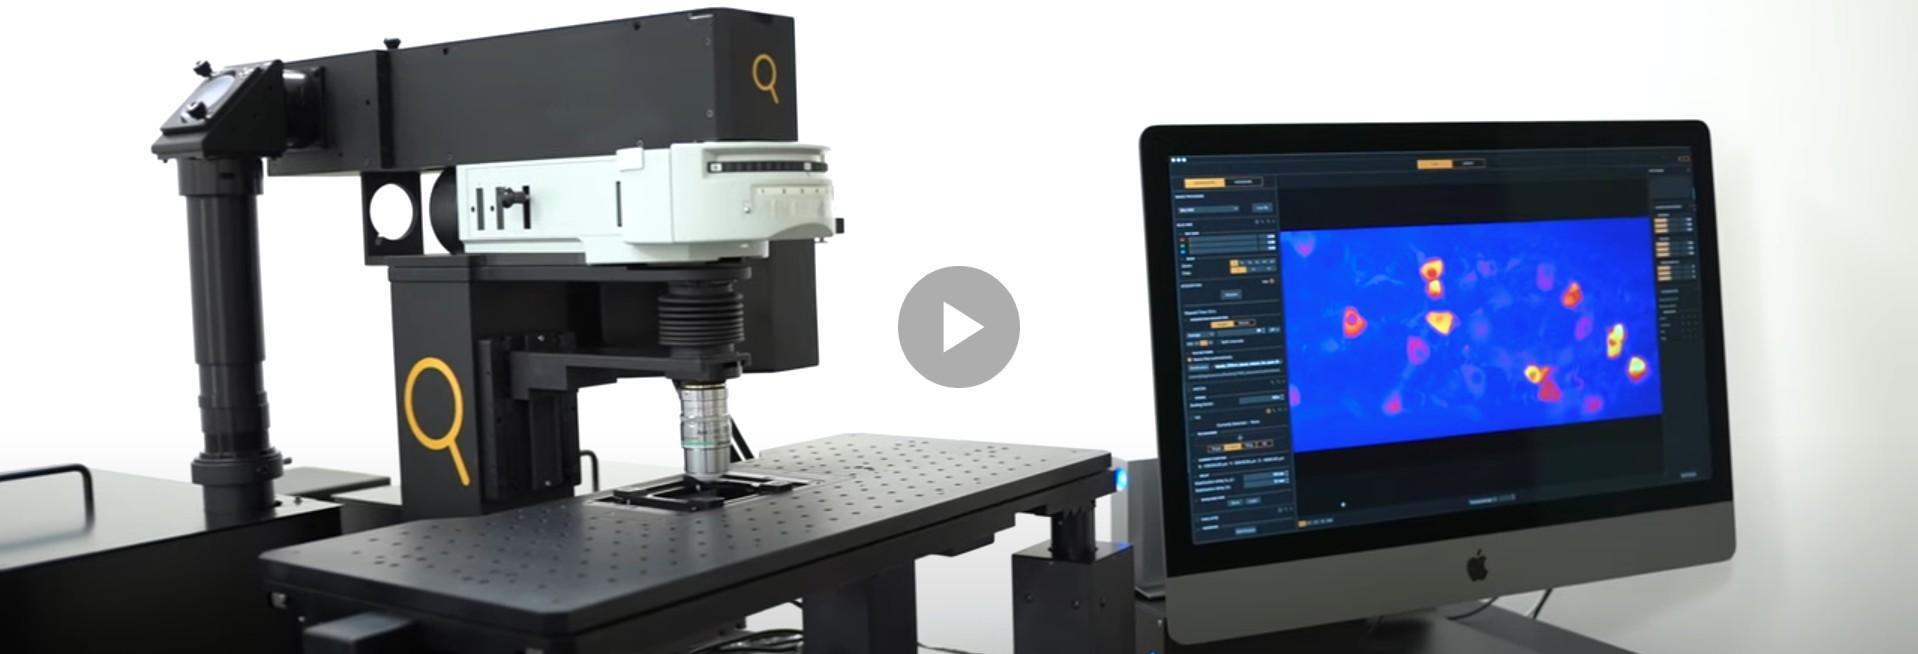 video bliq photonics